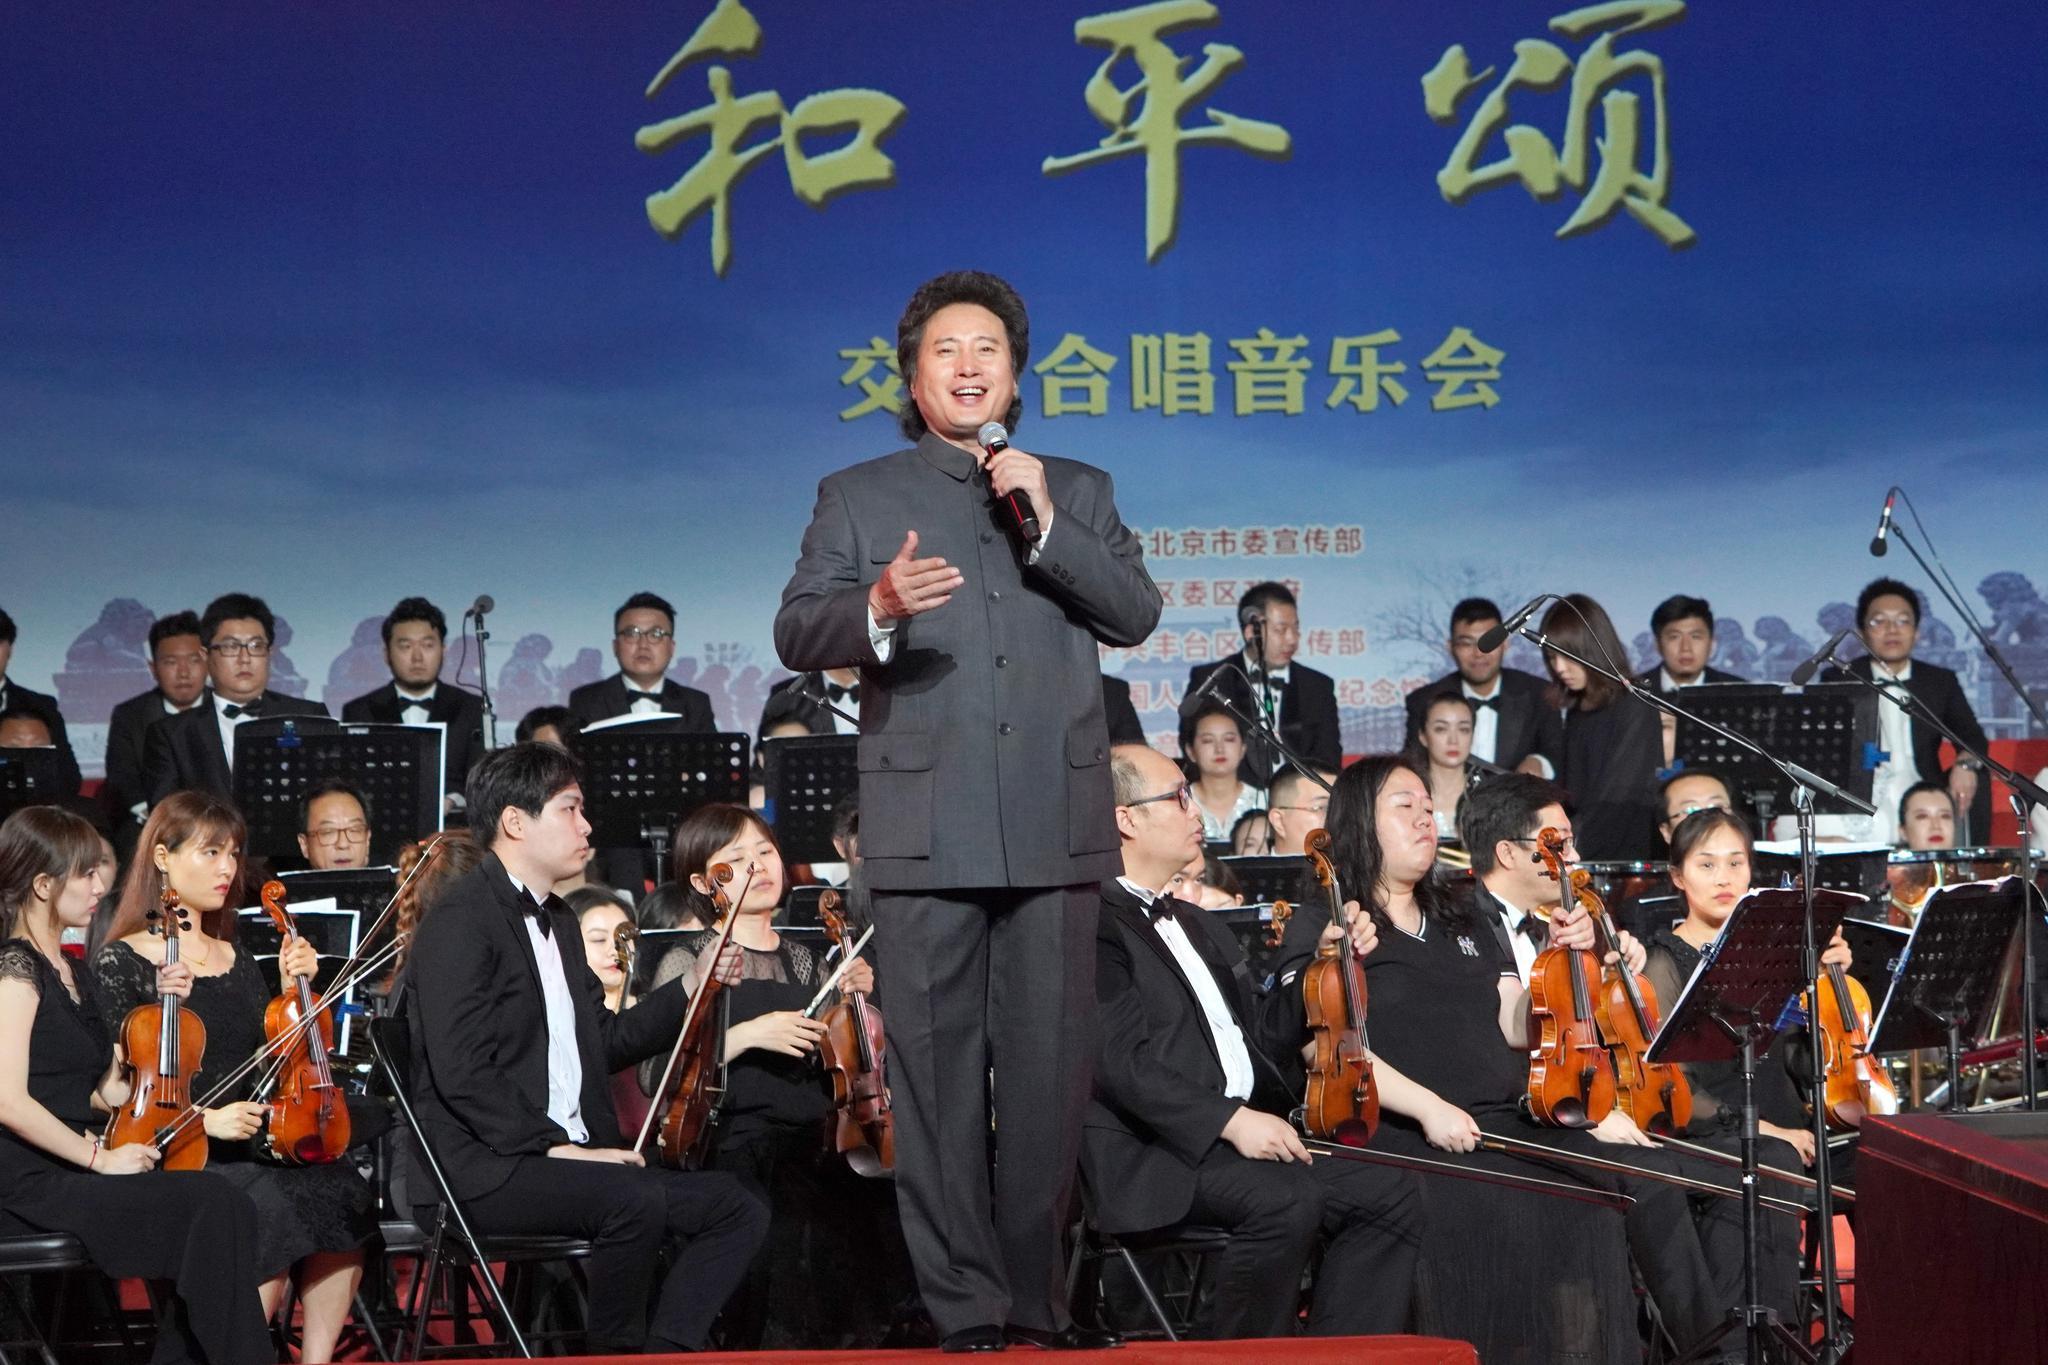 戴玉强、周涛领衔首都群众唱响抗战经典歌,致敬人民英雄图片